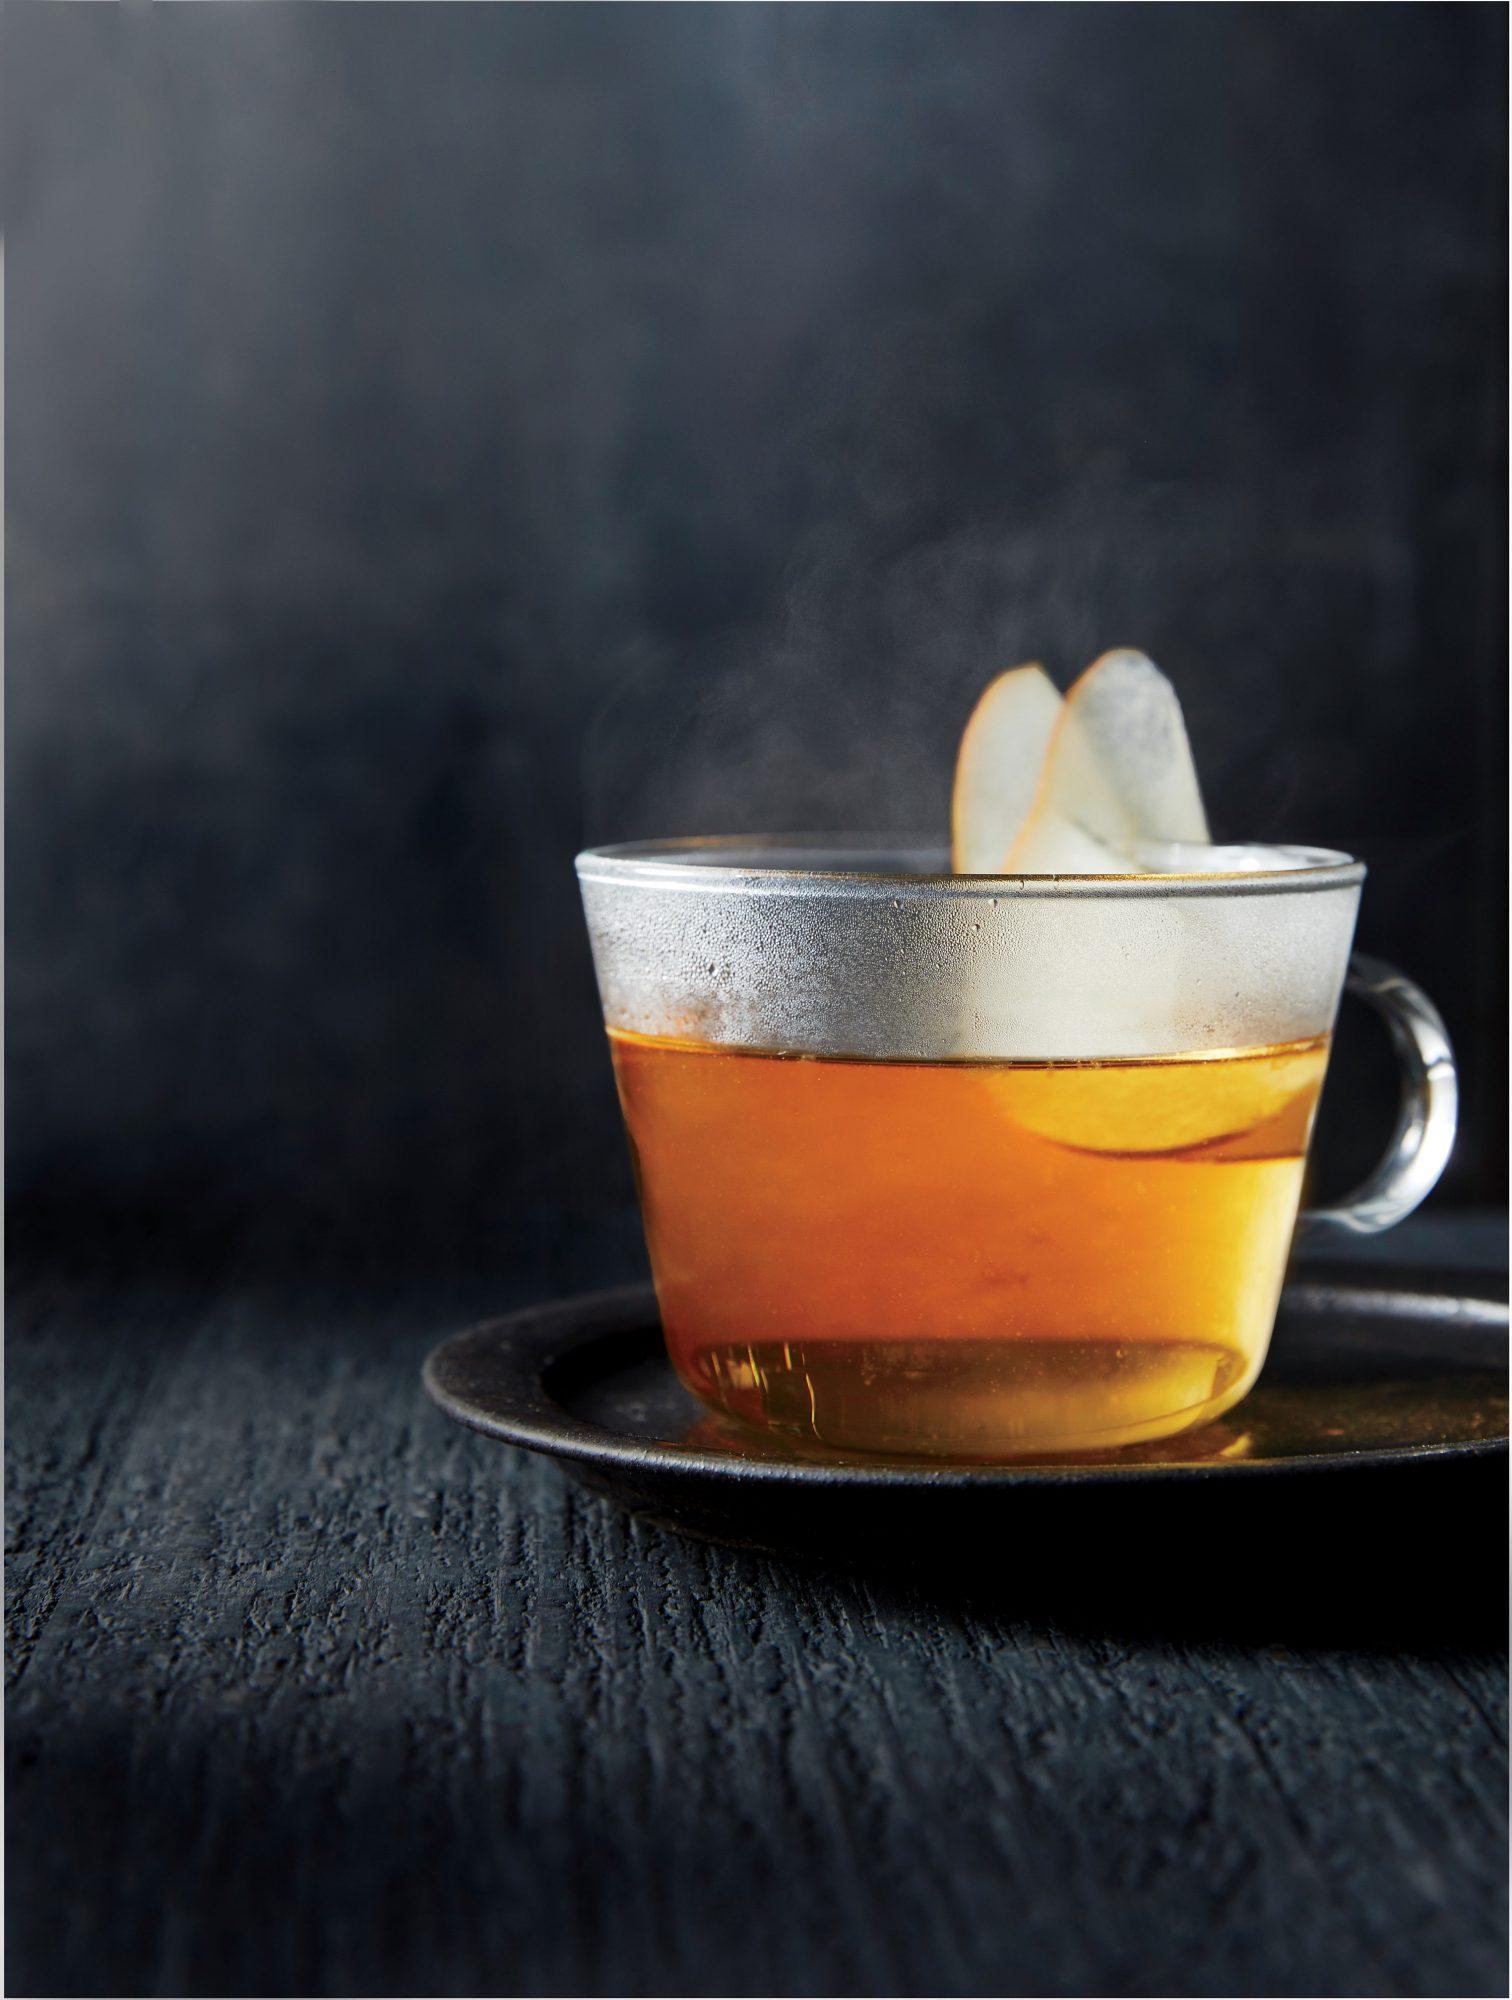 Lemon-Pear Toddy